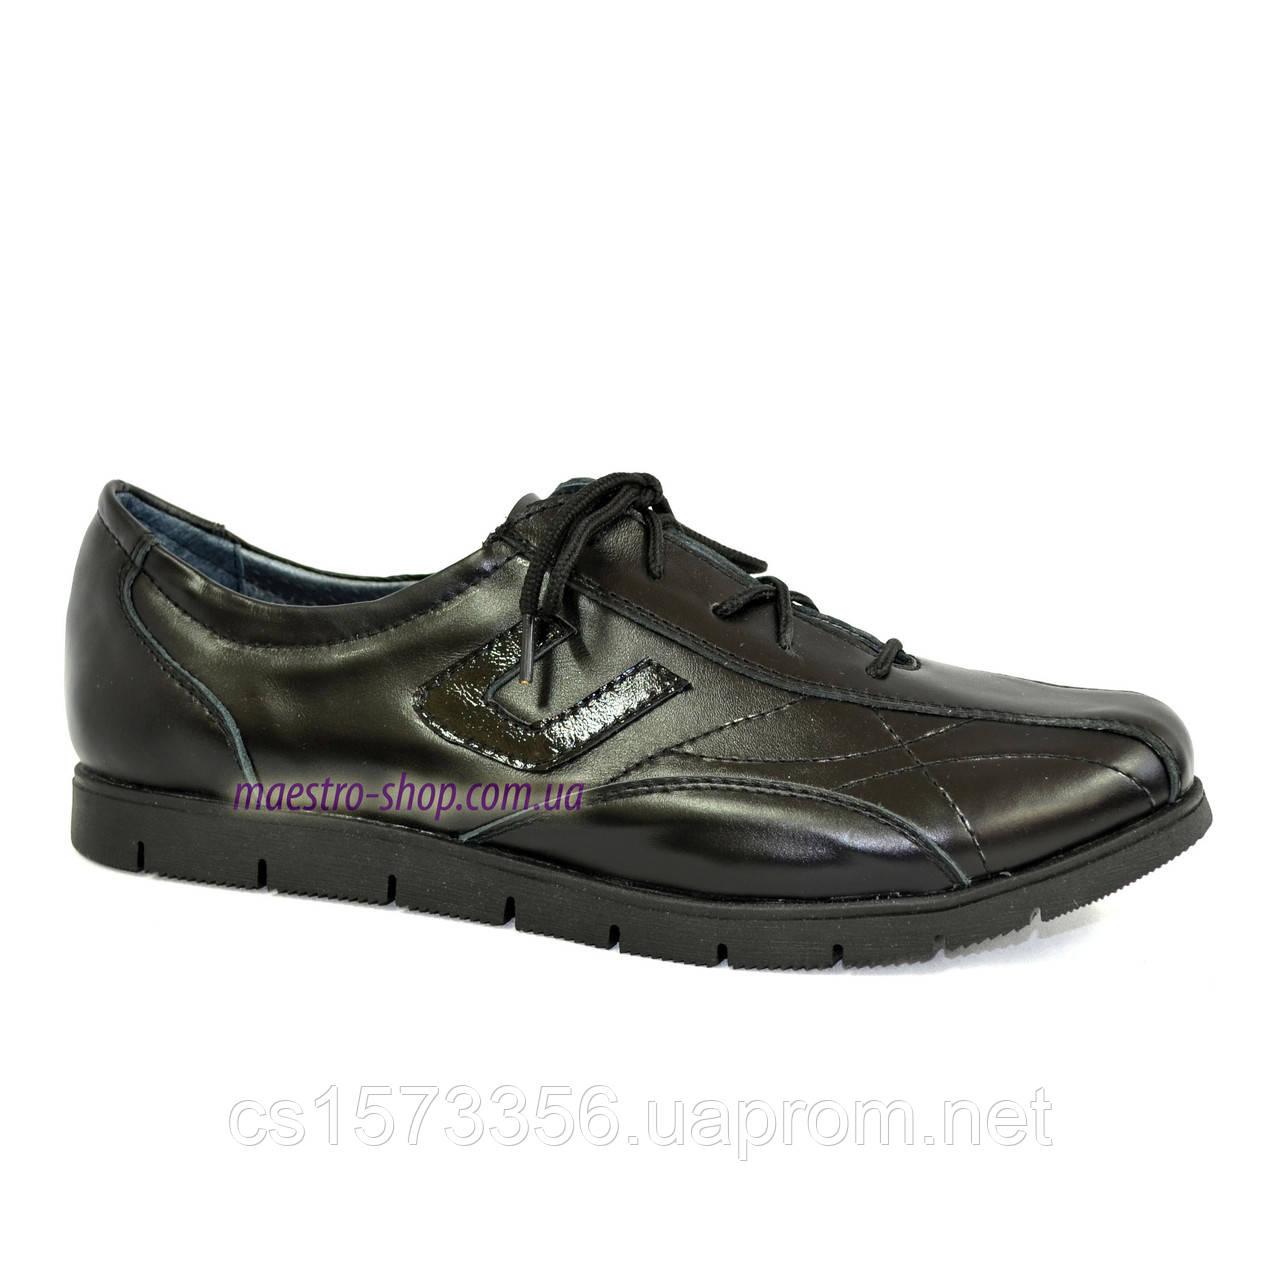 Спортивные женские туфли кожаные от производителя, цена ...